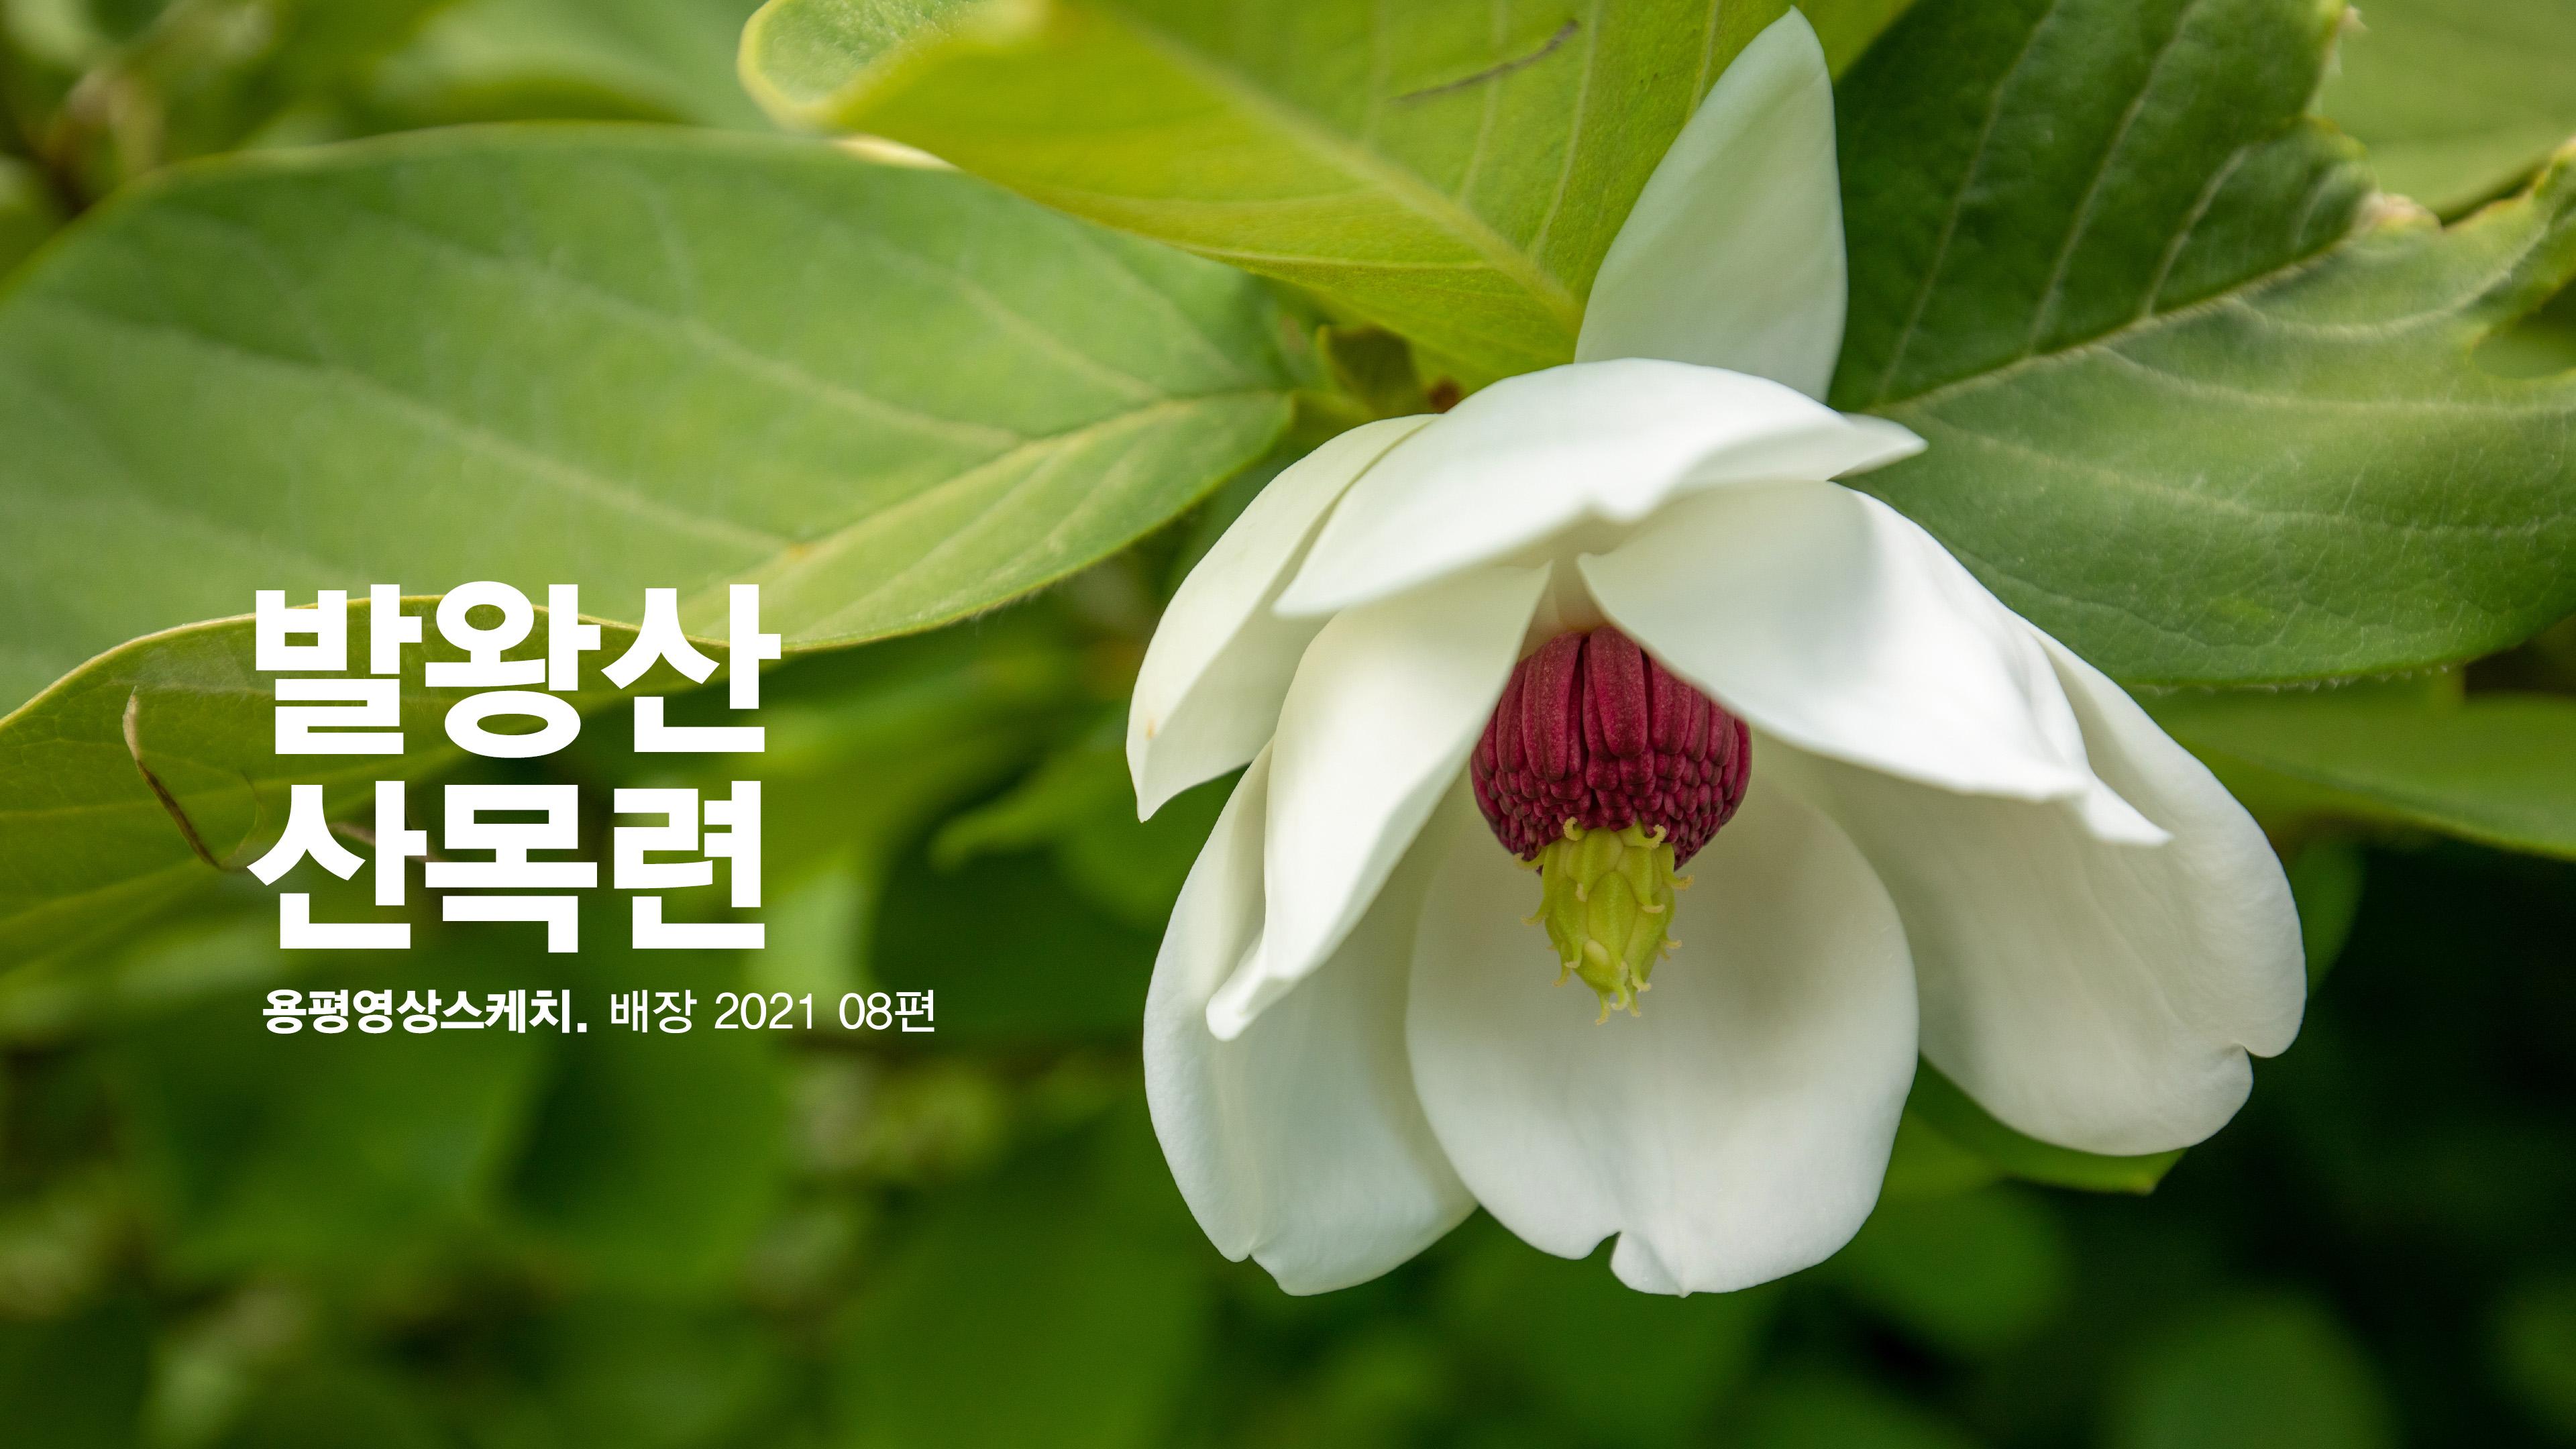 발왕산 산목련 _ 용평영상스케치. 배장 2021 08편